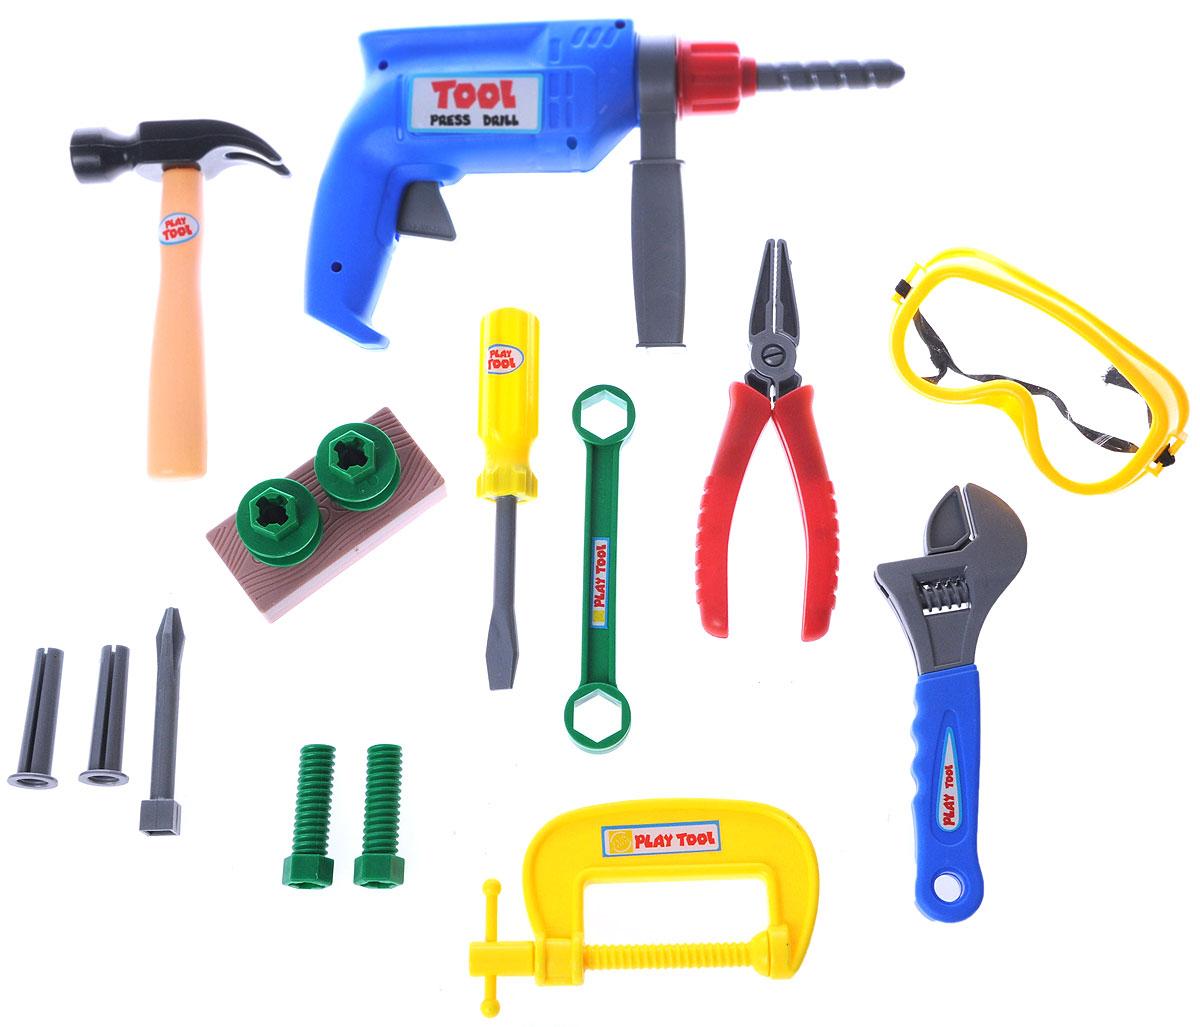 Altacto Игровой набор инструментов ПрофиALT0202-019Игровой набор инструментов Altacto Профи станет отличным подарком для маленького мастера. В наборе имеется все, что может пригодиться юному строителю: инерционная дрель с дополнительной рукояткой, разводной ключ, гаечный ключ, струбцина, молоток, отвертка, пассатижи, защитные очки, скобяные изделия. Все инструменты упакованы в пластиковый ящик, ручка которого одновременно является строительной линейкой. Малыш сможет отремонтировать игрушки и устранить все неисправности в доме, помогая папе. Игры с этим набором способствуют развитию воображения и познавательного мышления. Все изделия набора изготовлены из нетоксичного и качественного материала.